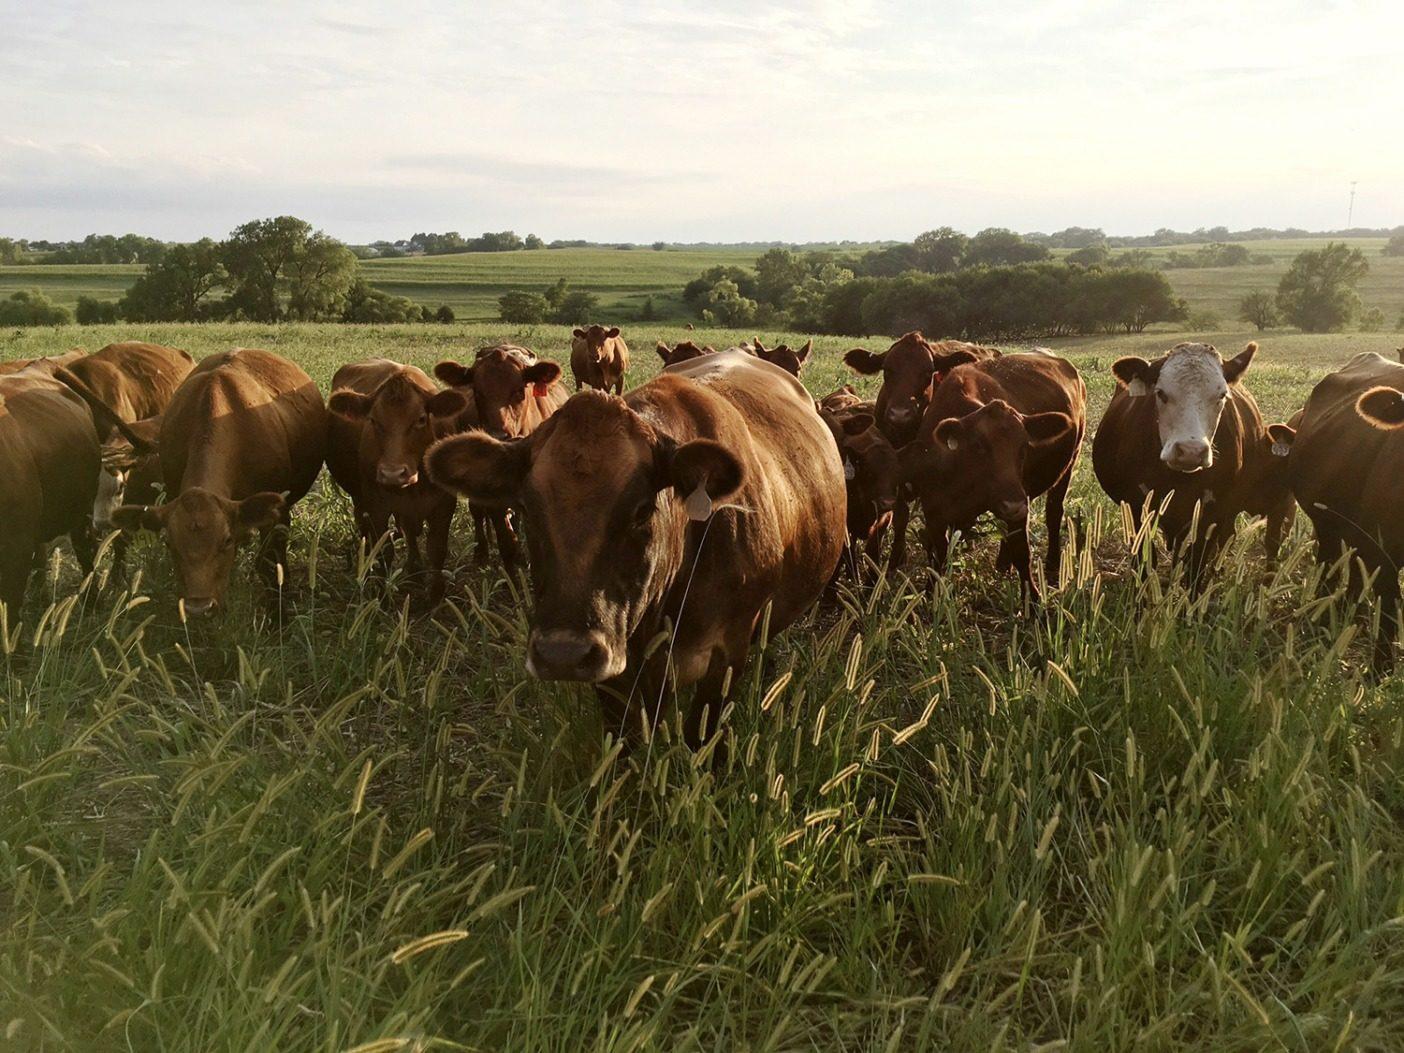 フィッケは牧草と干し草ベールを飼料として家畜を放牧し、牛糞と尿の形で土壌に回帰させる。Photo:Del Ficke